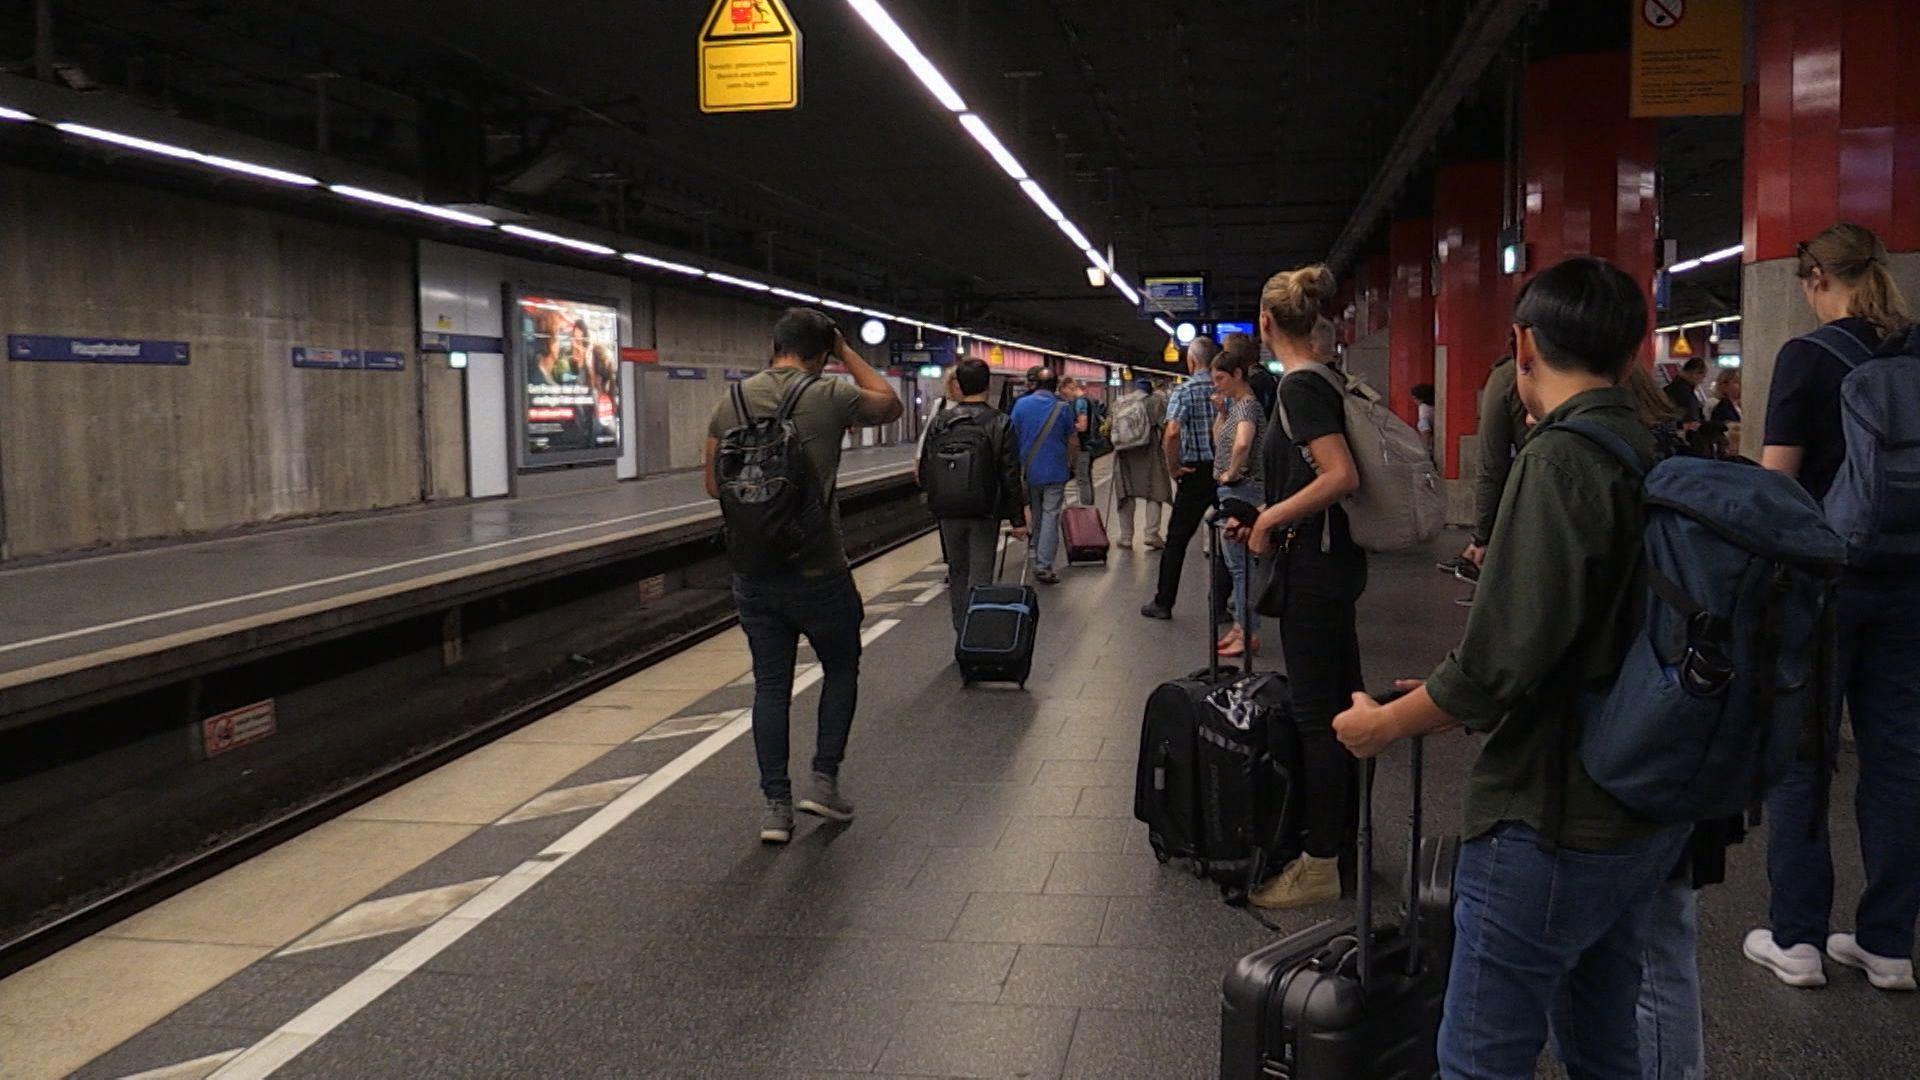 Gleisbereich in der Münchner S-Bahn.